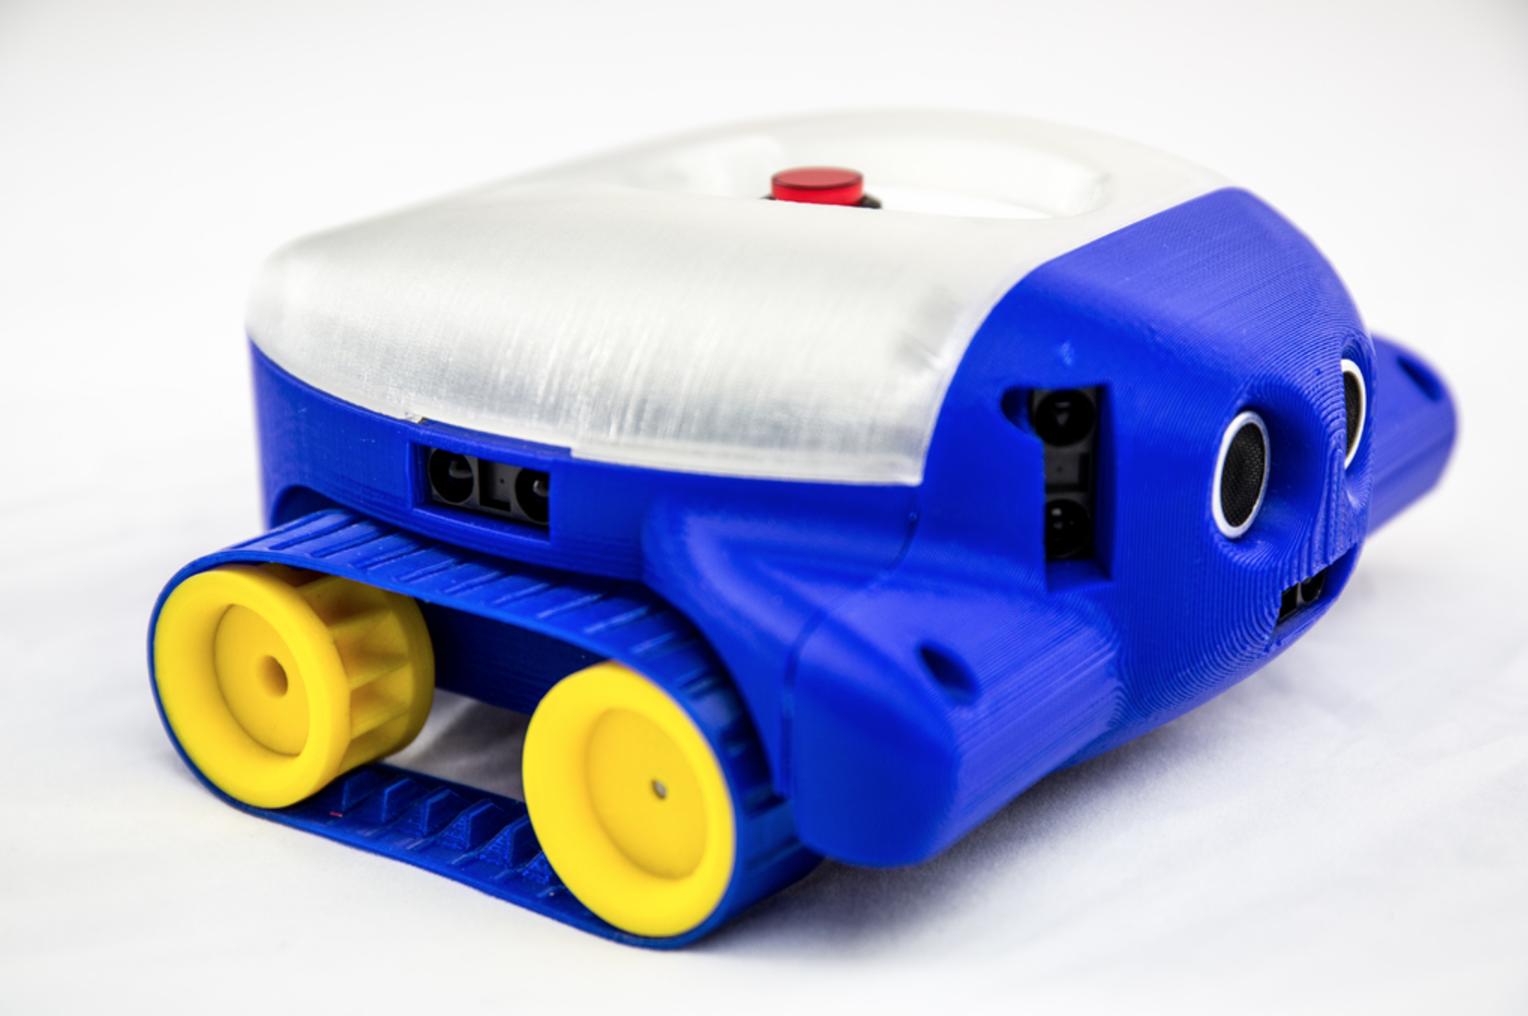 Capture d'écran 2017-07-26 à 13.56.11.png Download free STL file Simula 5 Robot Developers Kit • 3D printable model, JamieLaing